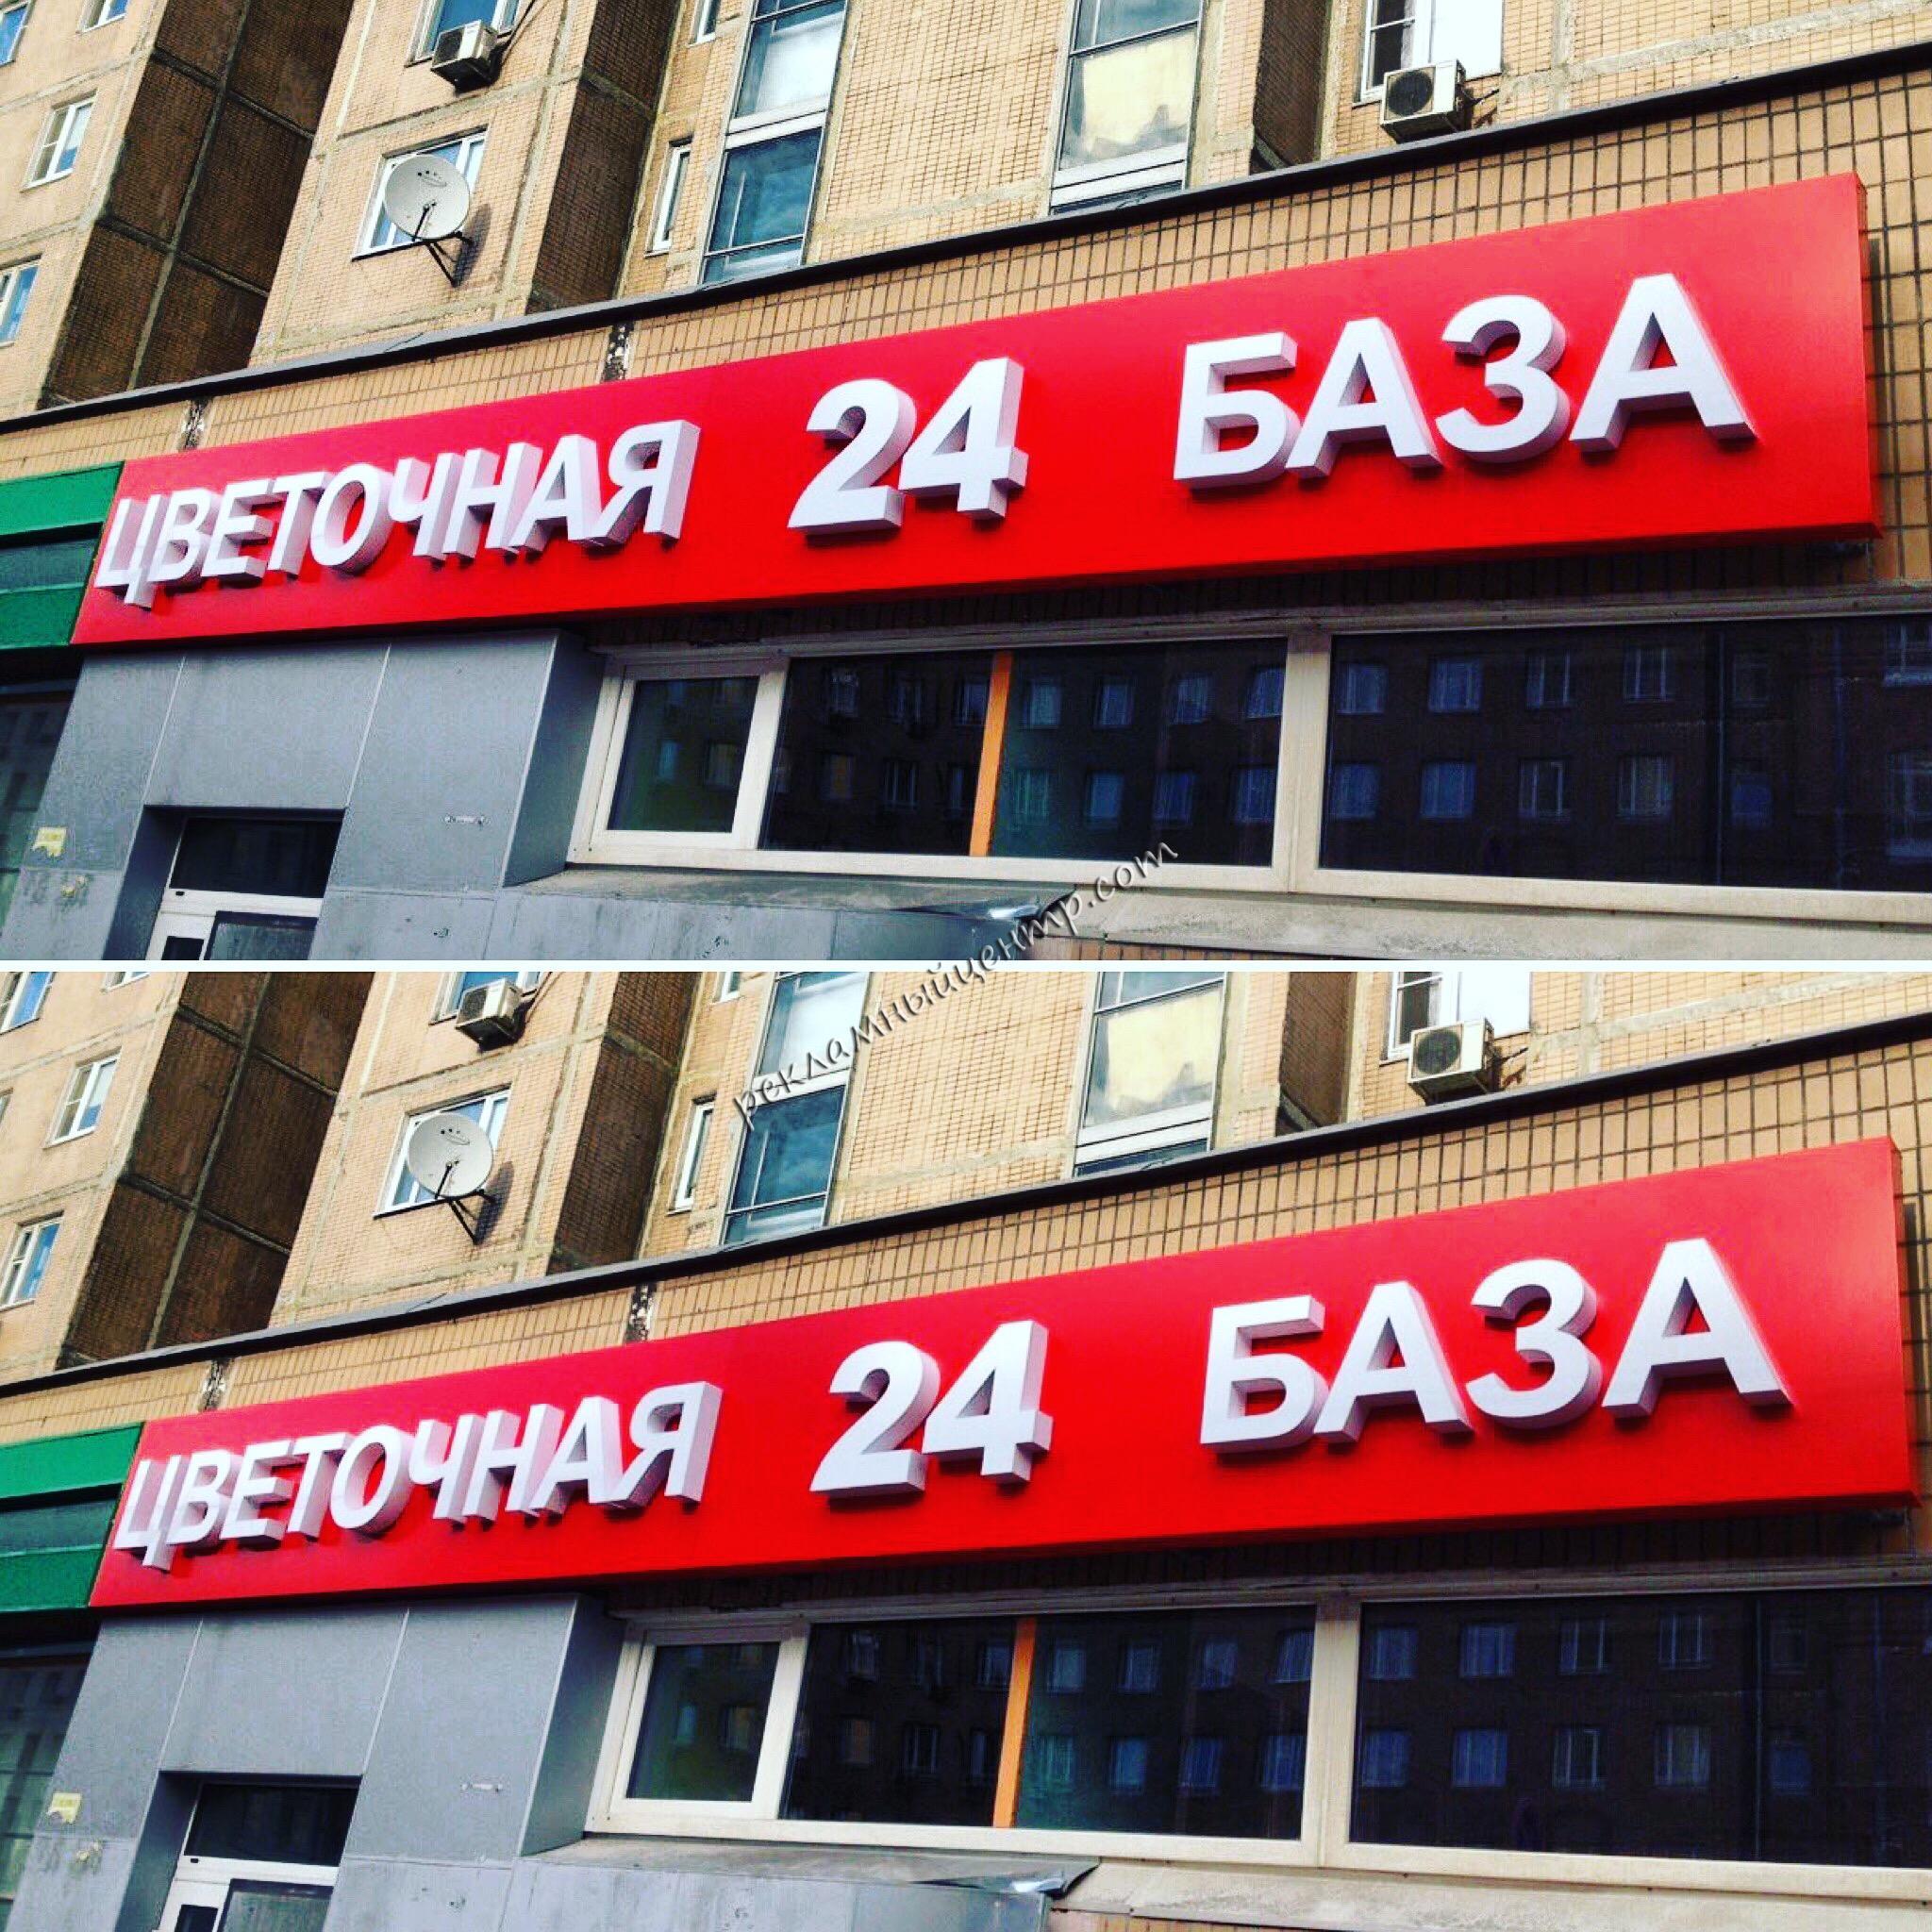 Объемные буквы в Москве для магазина цветочная база